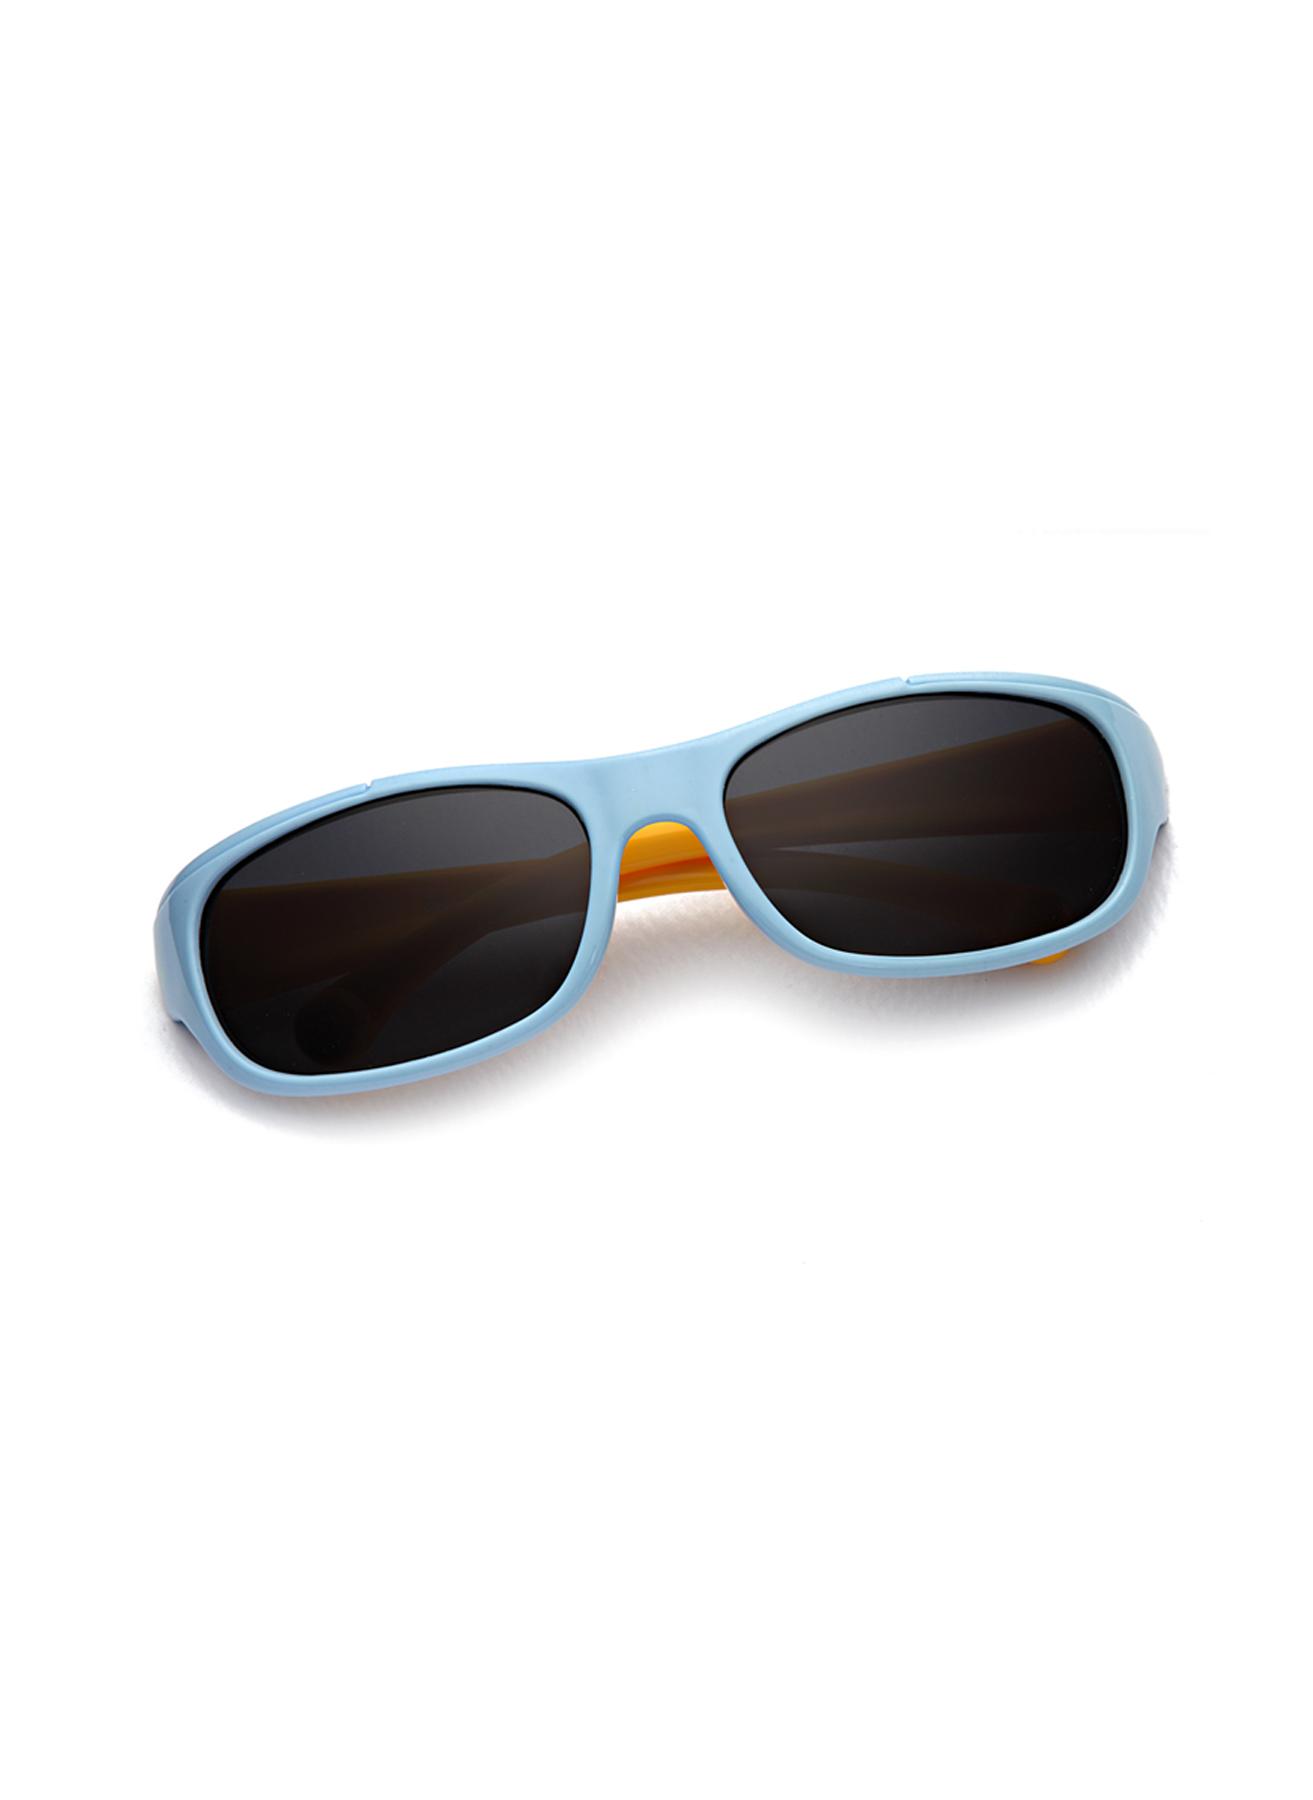 Aqua Di Polo 1987 Güneş Gözlüğü 5002314847001 Ürün Resmi